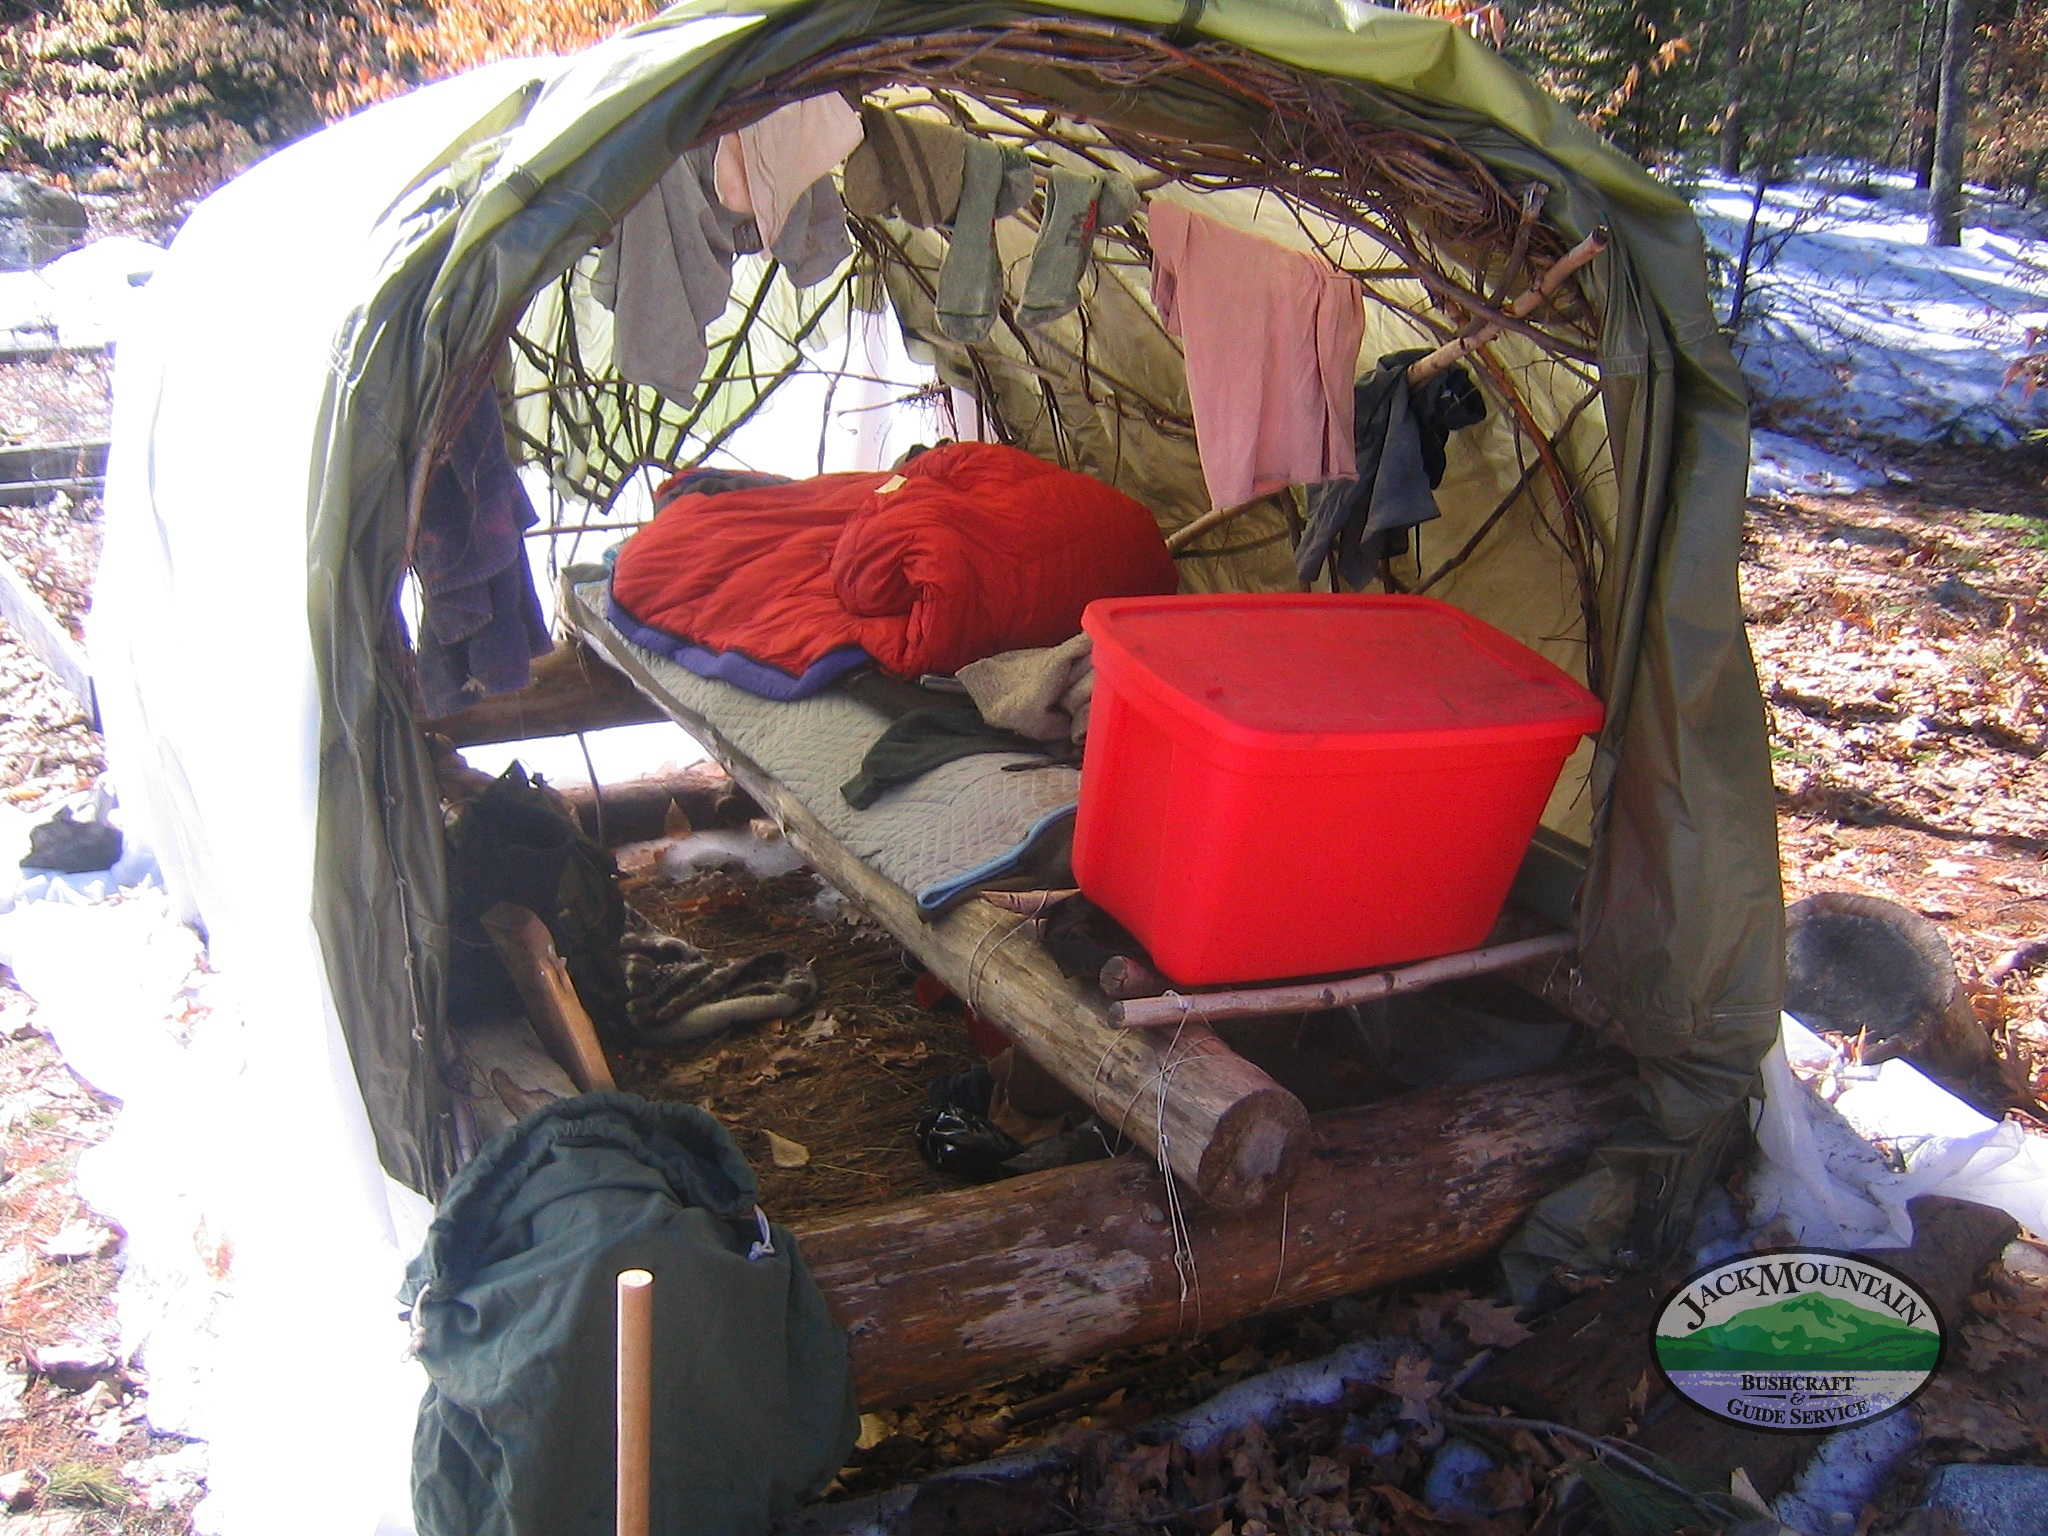 shelter-full-of-stuff